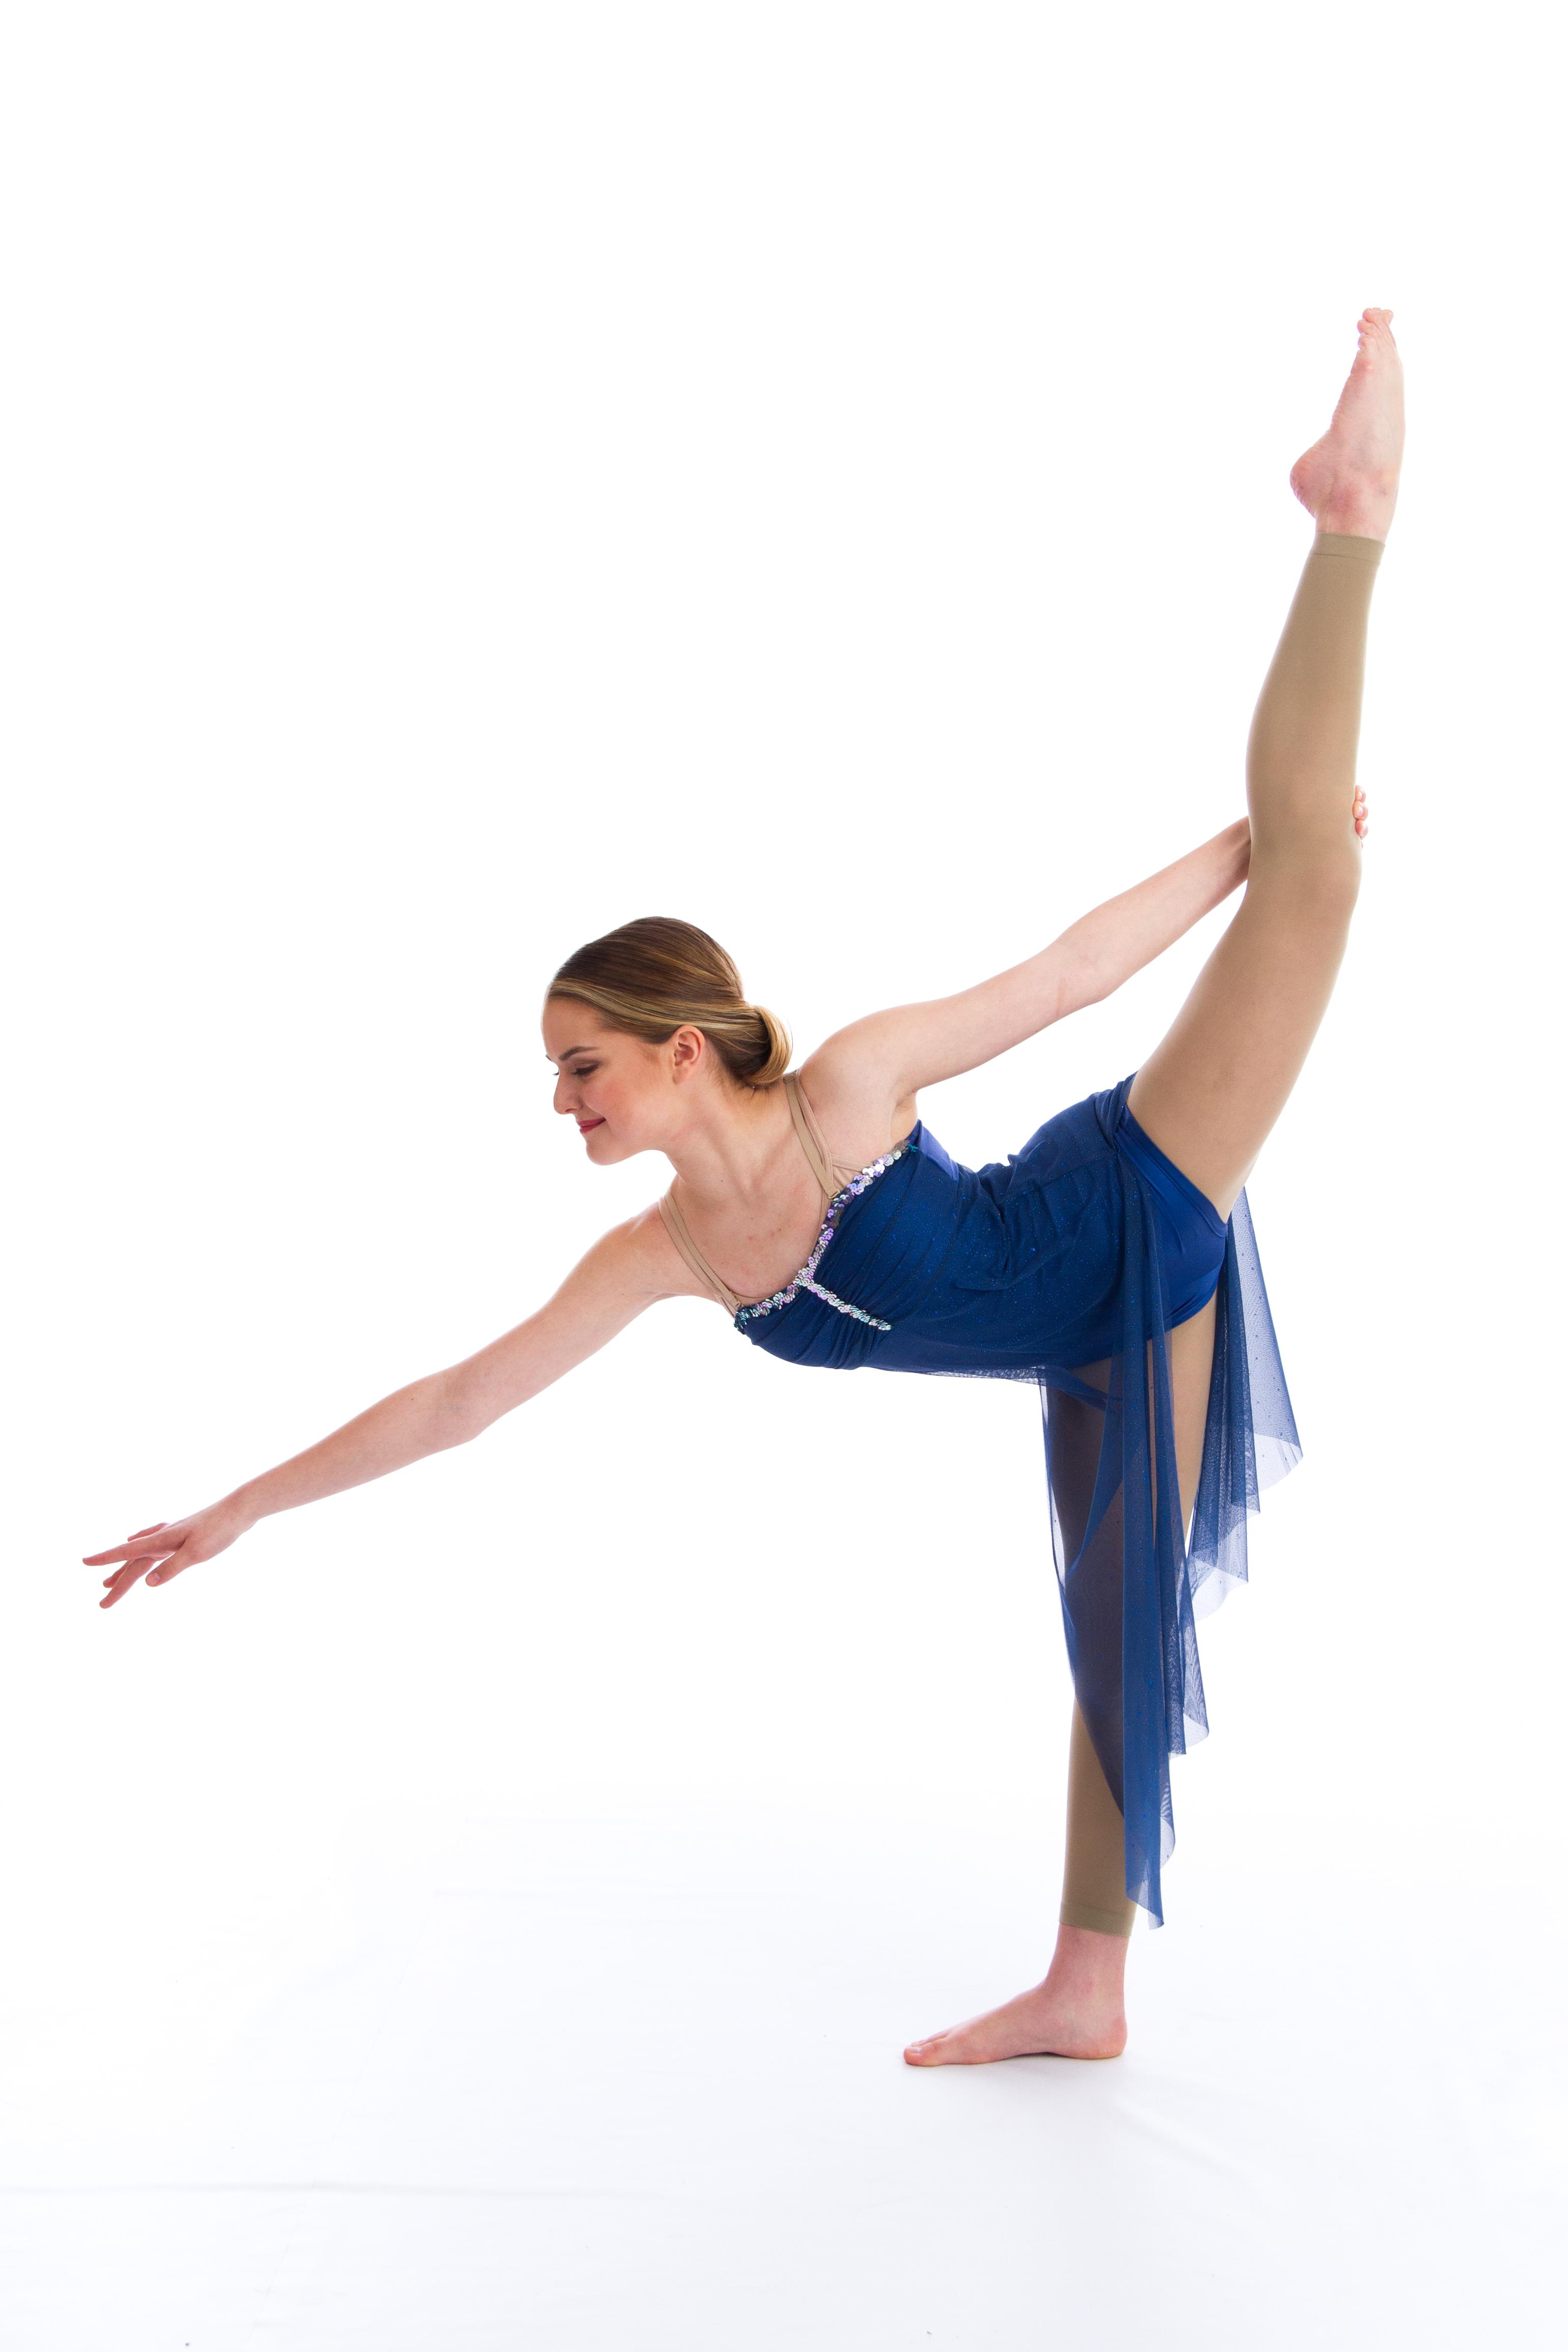 3416348_4846_dancemaker_BT